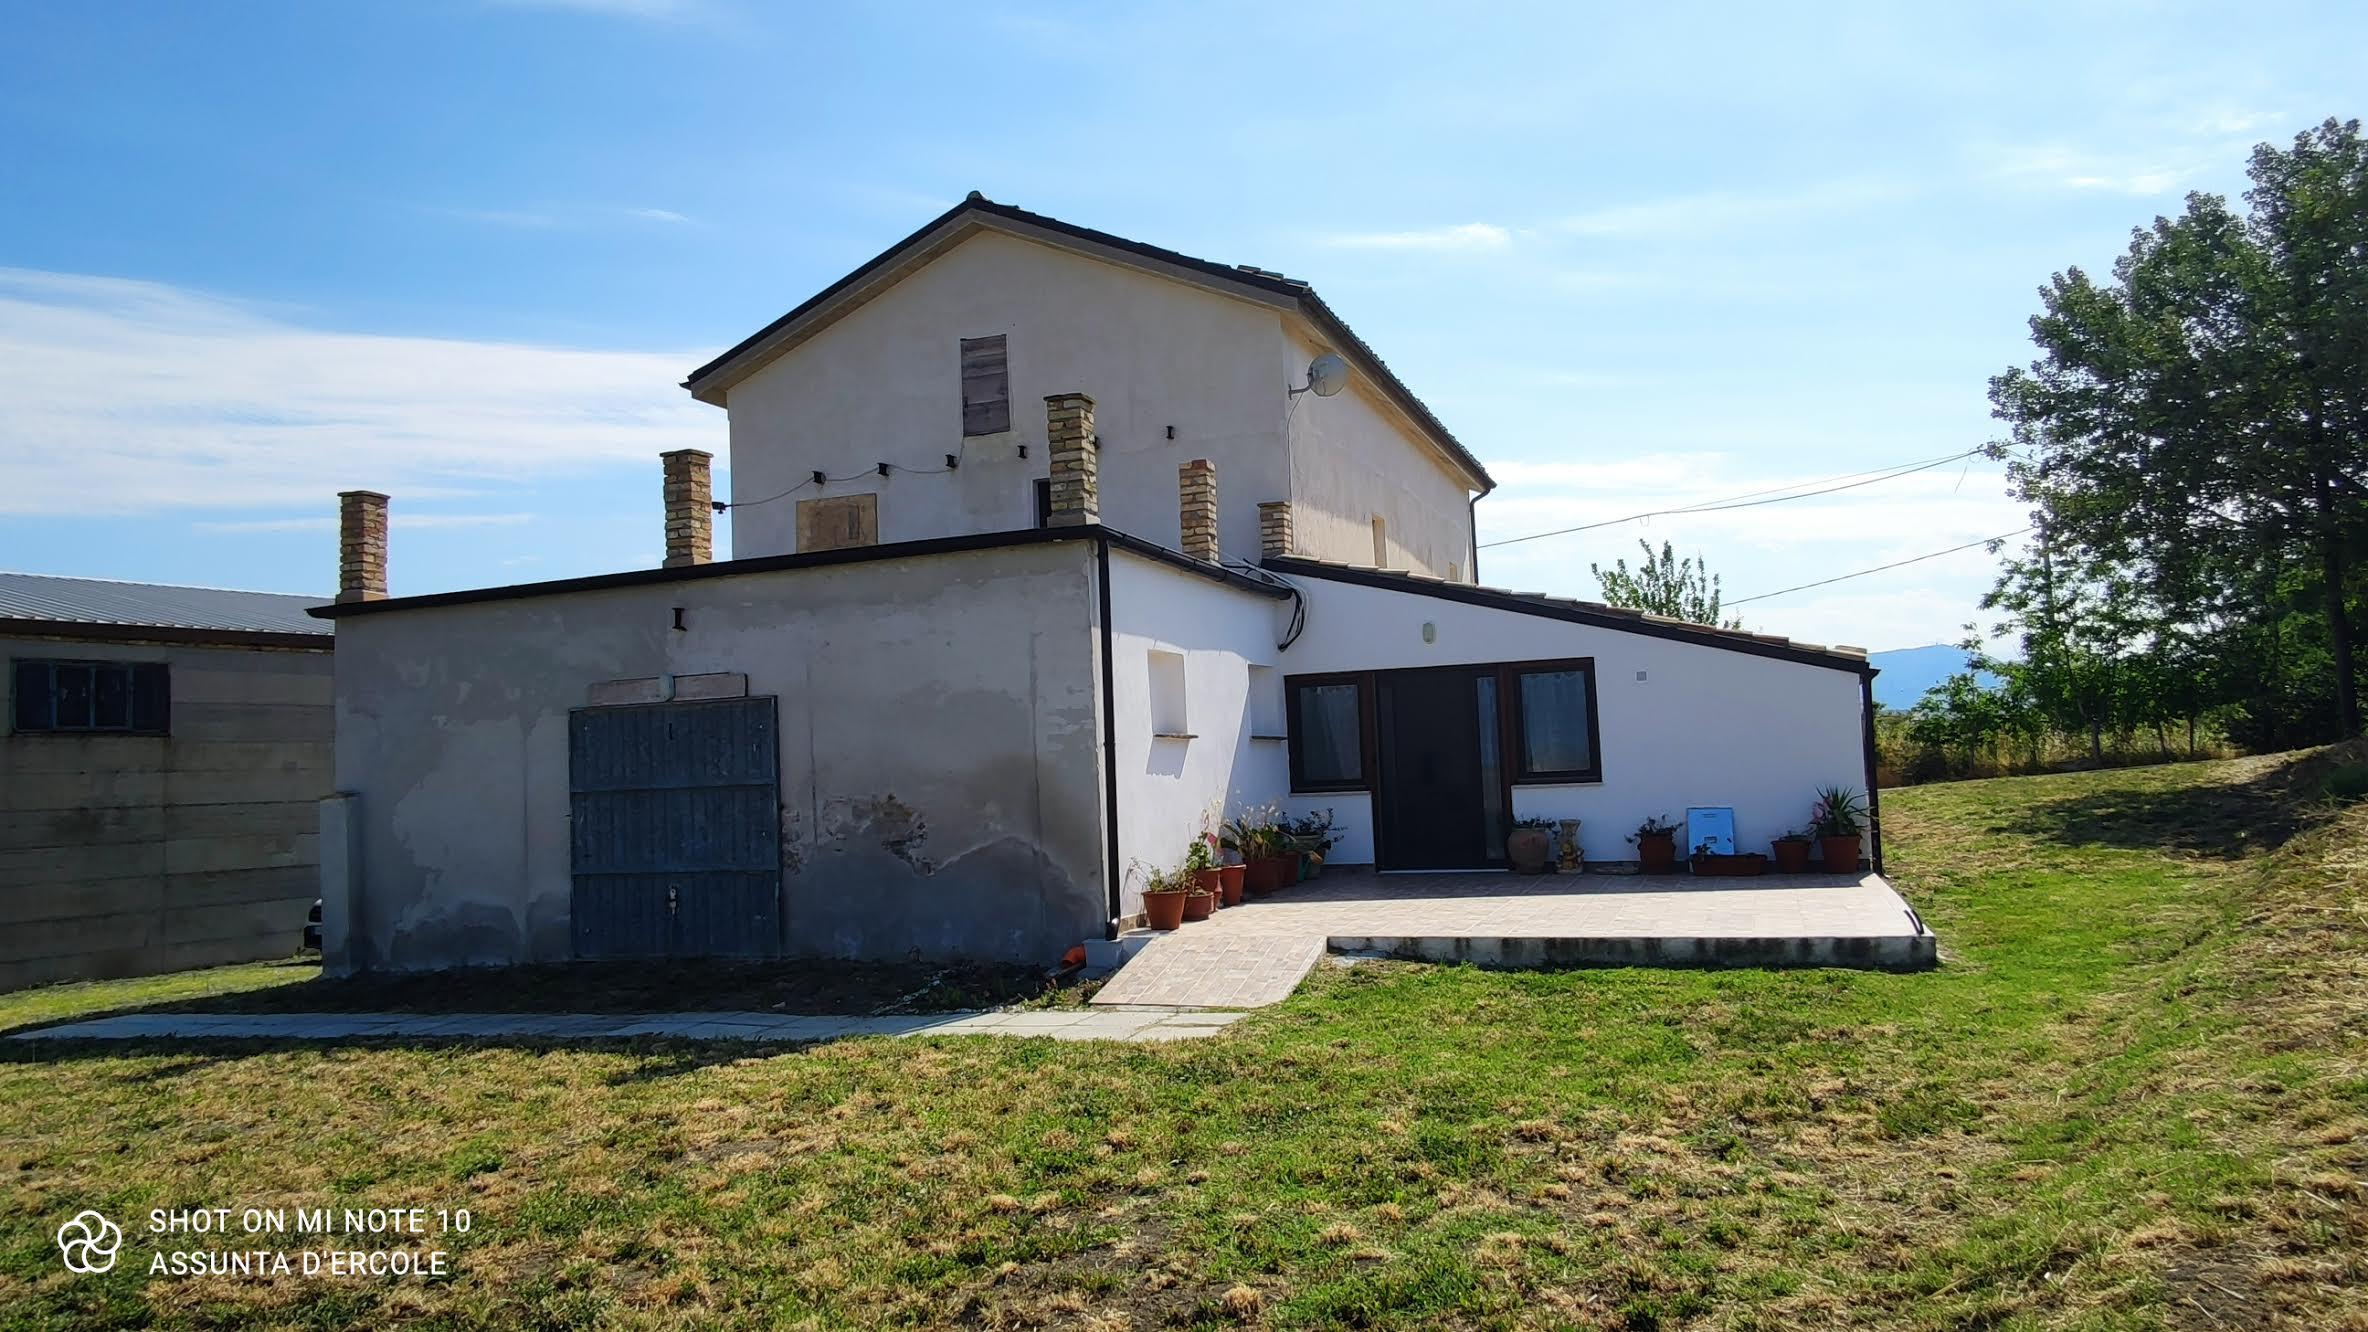 rif 1233 Casalanguida (CH) – Casolare con terrazzo panoramico – € 145000